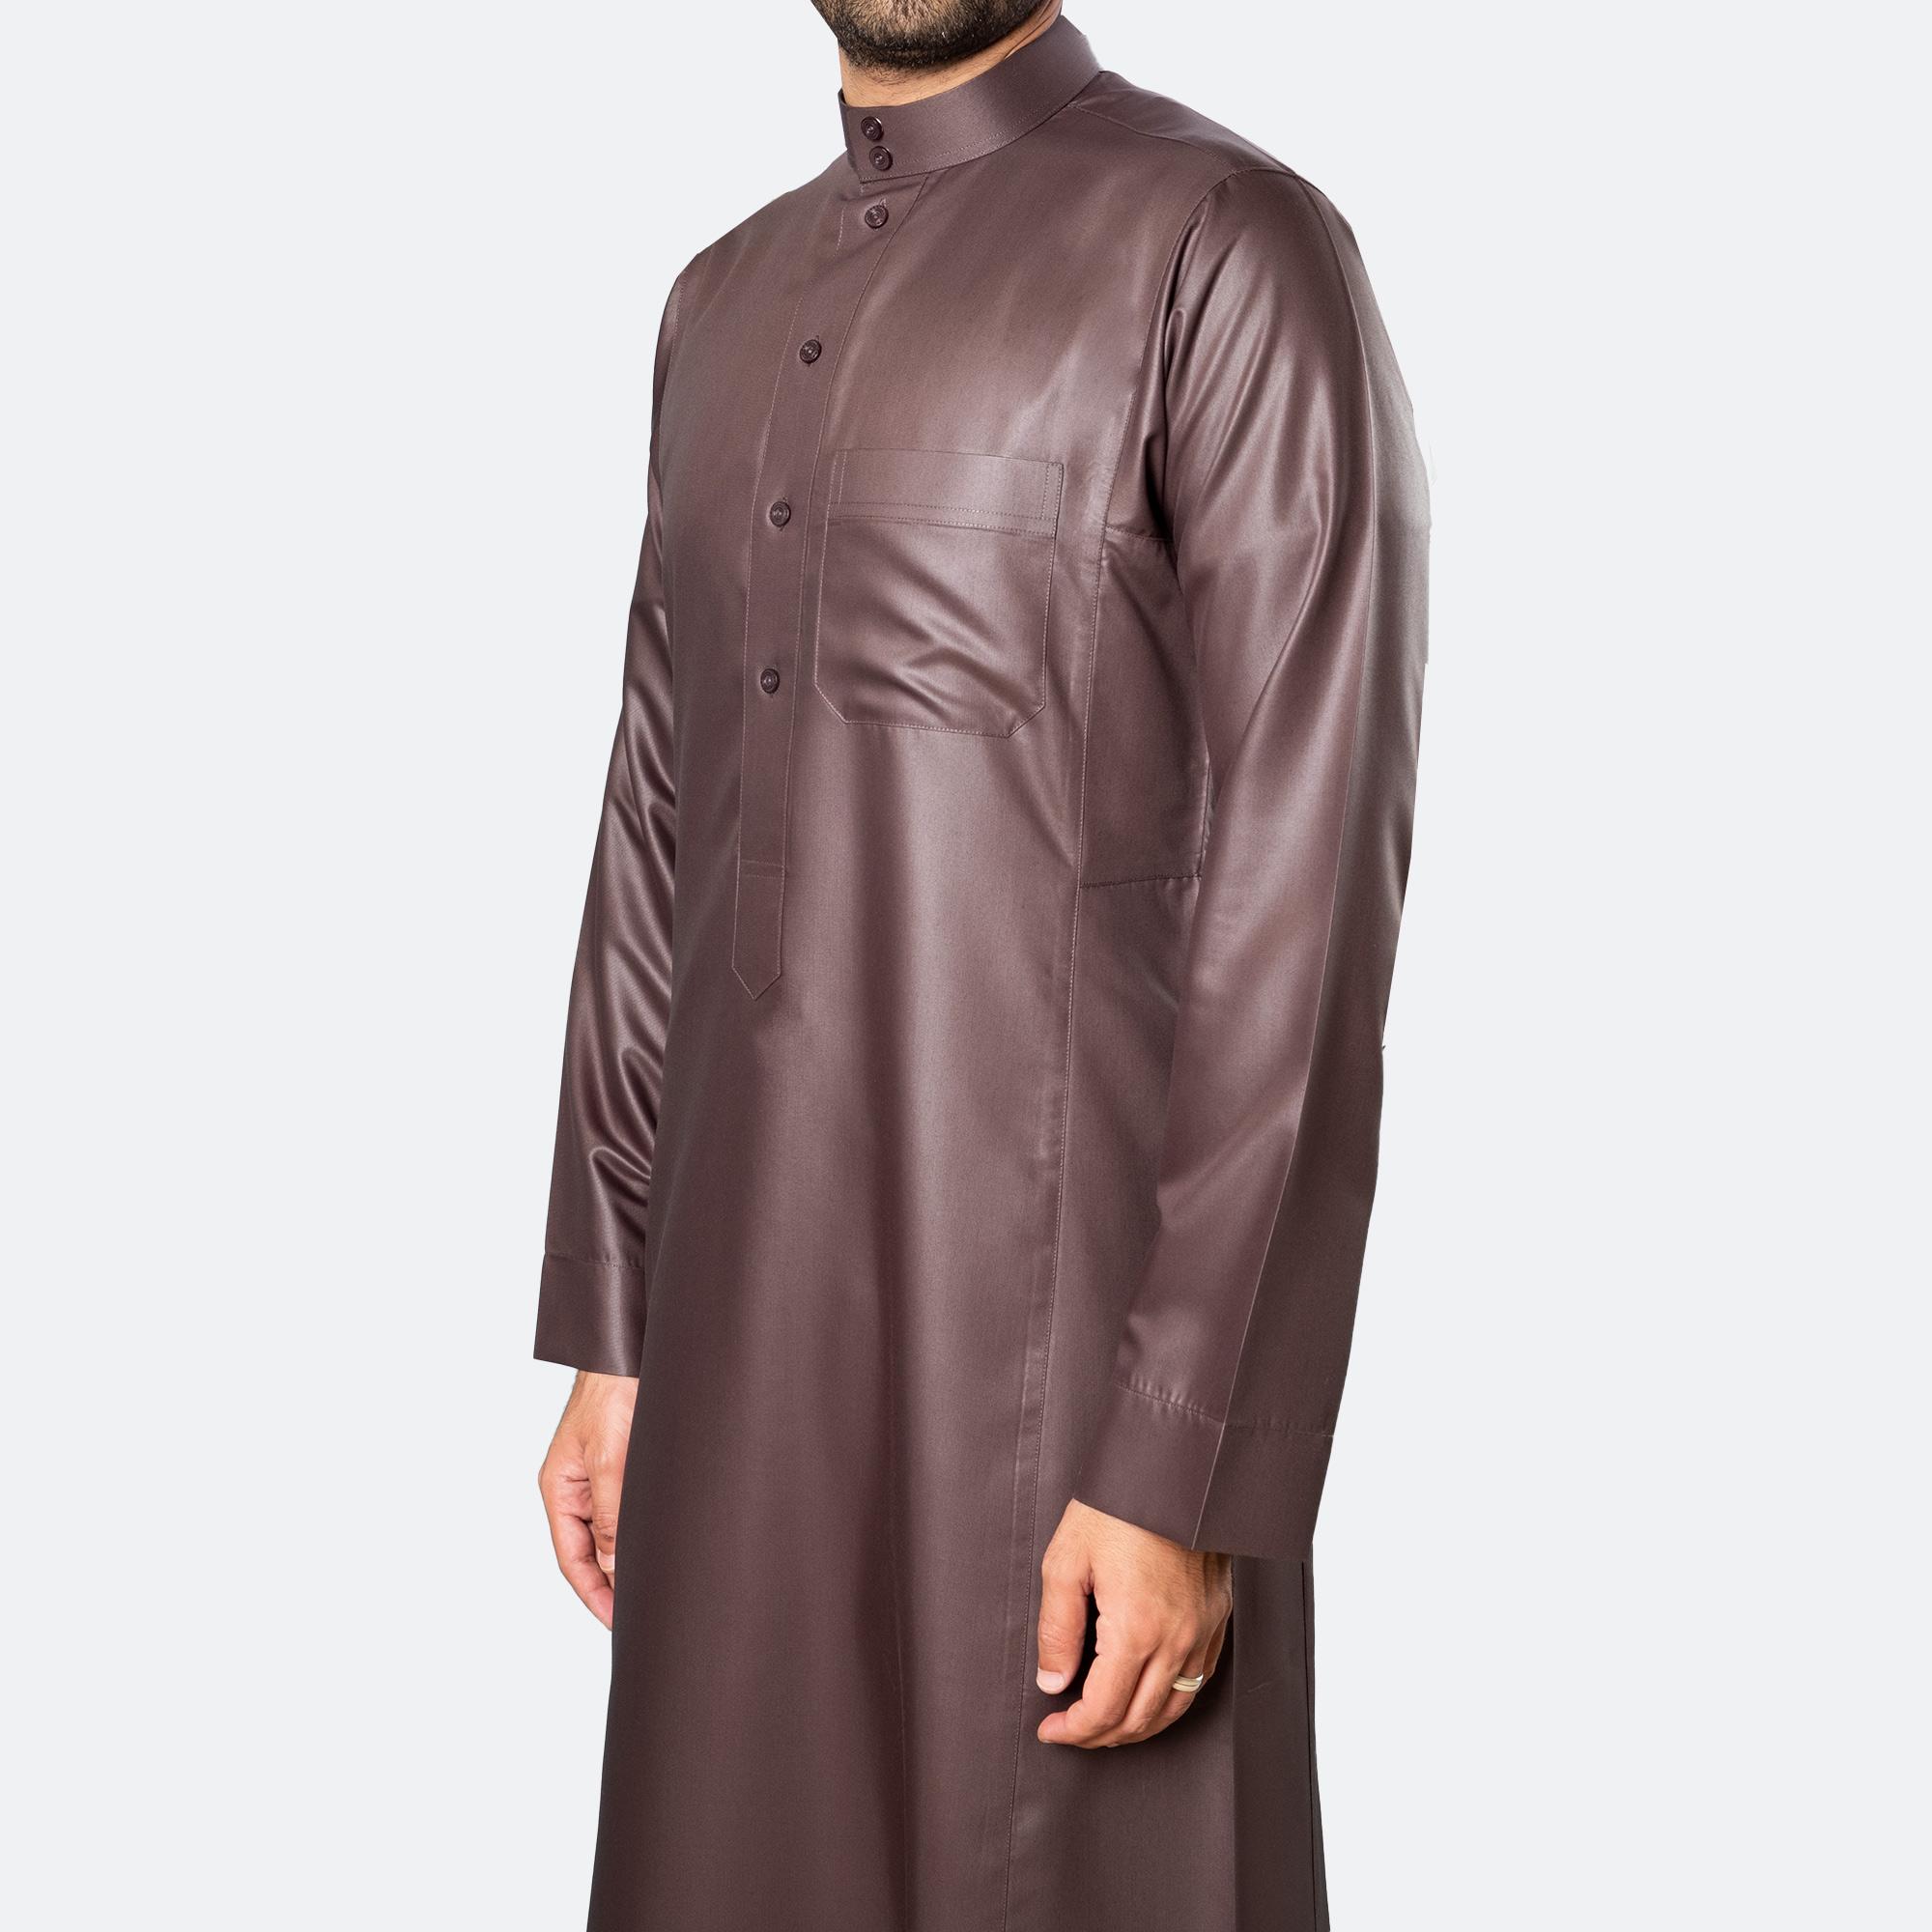 ثوب كلاسيكي فاخر بنّي غامق